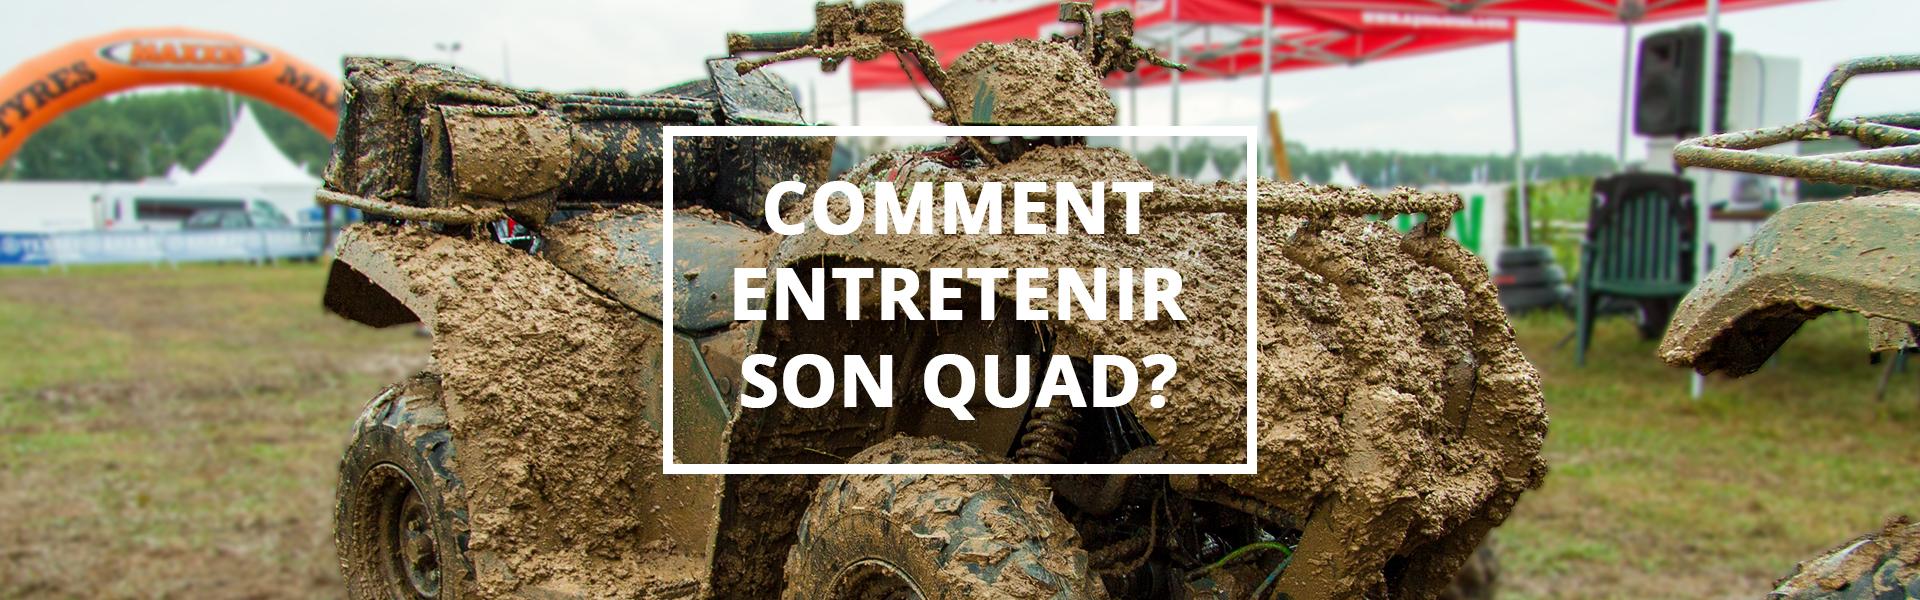 comment-entretenir-quad